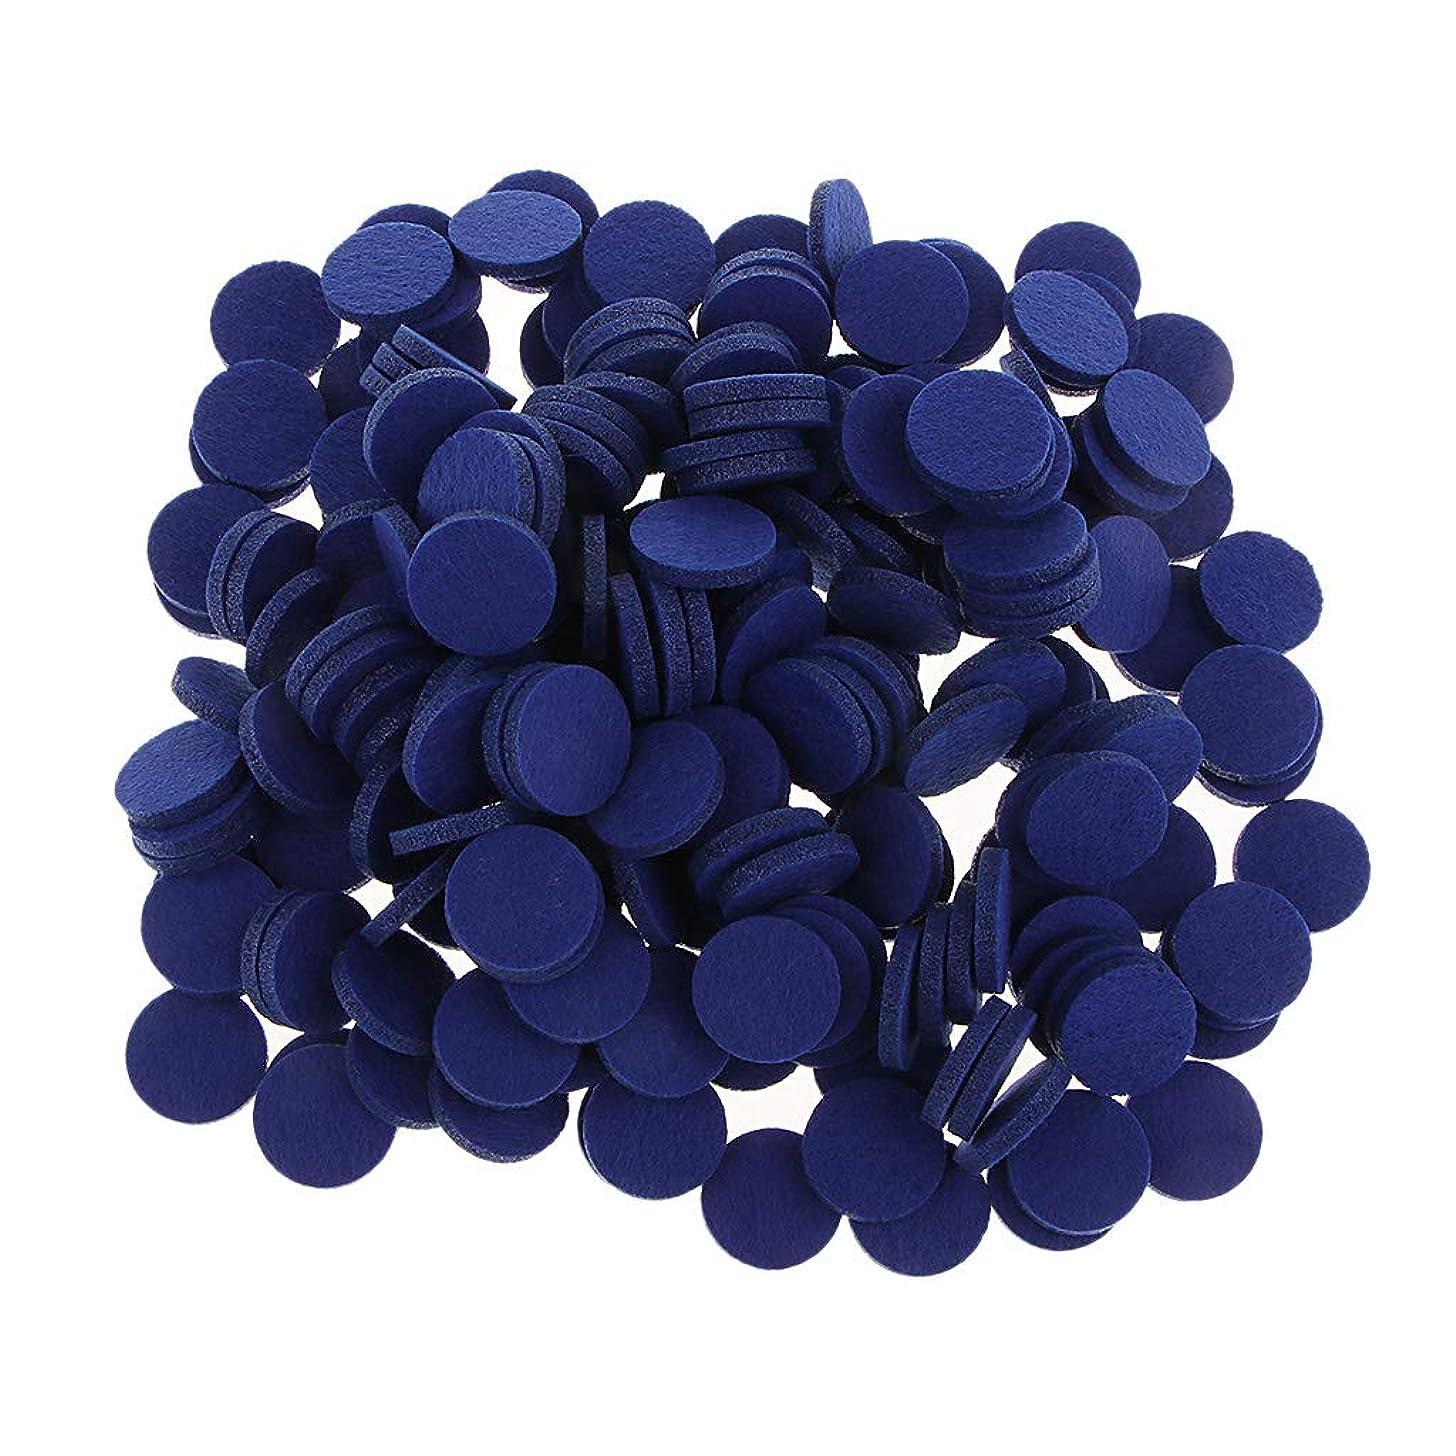 オンス増幅するおんどりFLAMEER ディフューザーパッド アロマパッド パッド 精油 エッセンシャルオイル 香り 約200個入り 全11色 - ロイヤルブルー